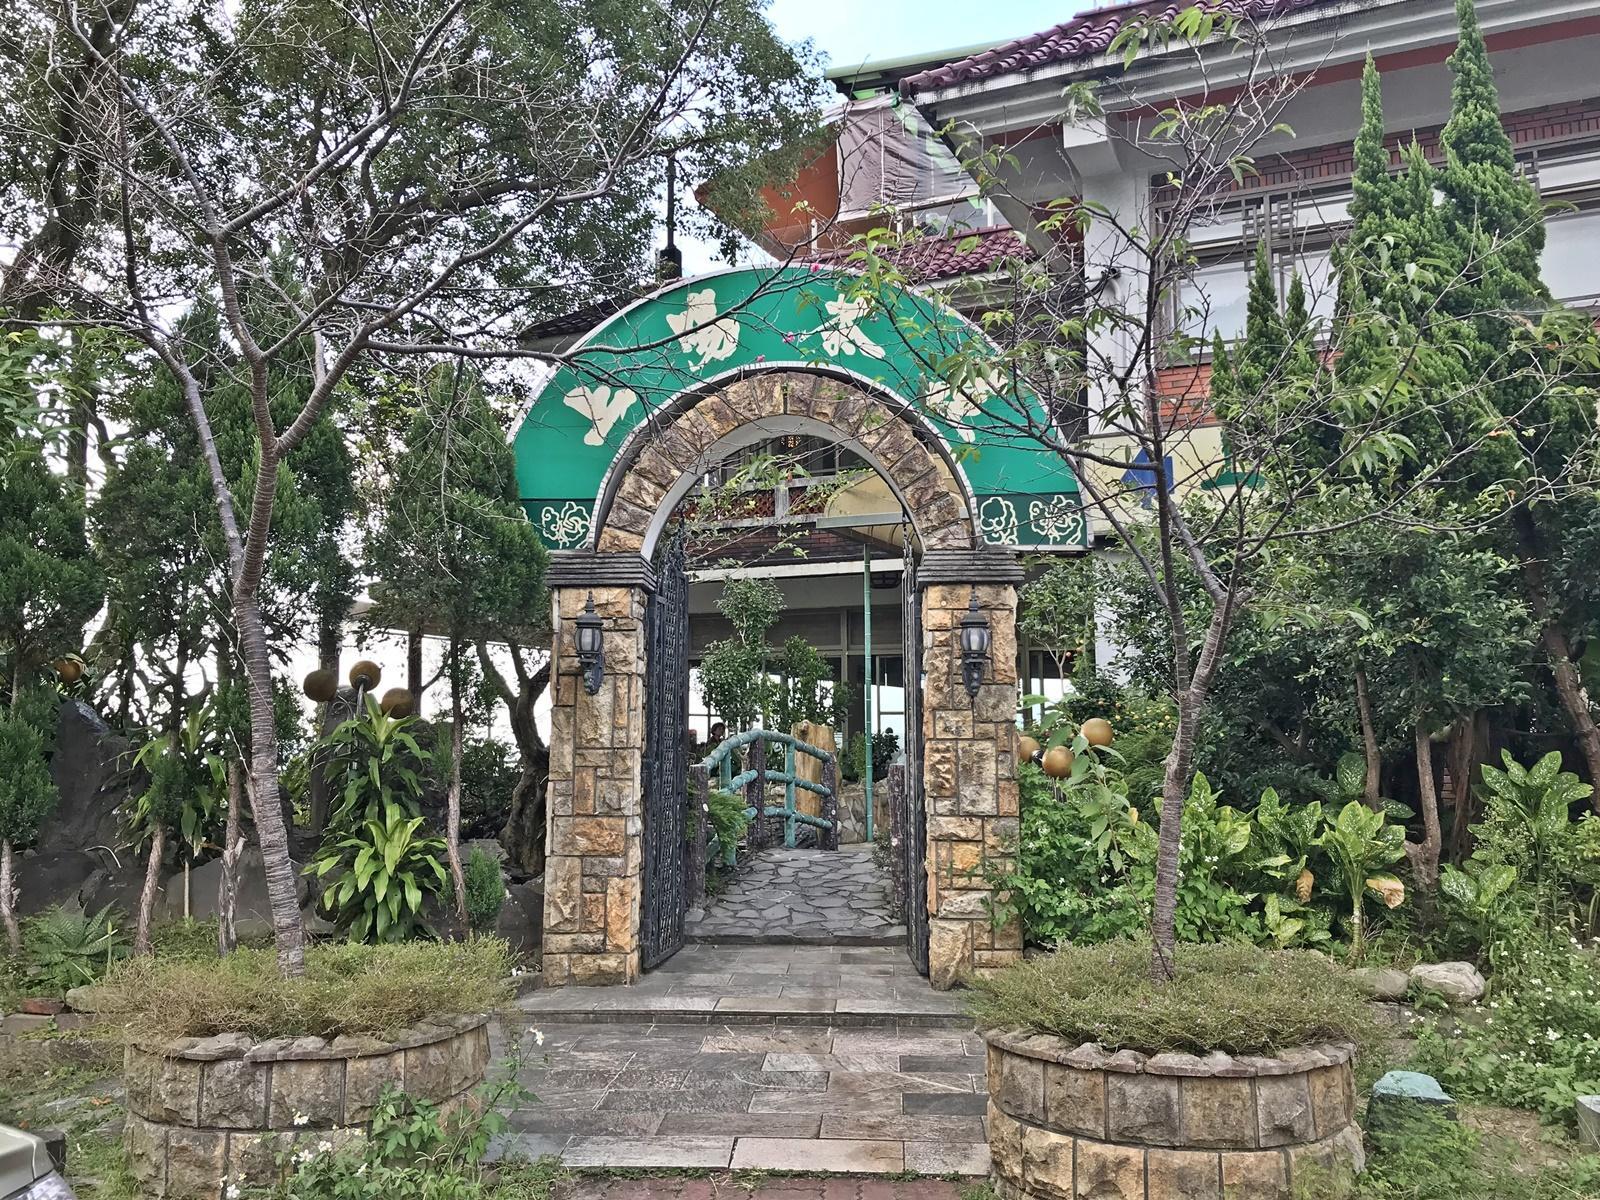 The Shang Yang Tea House at Taipei's Monkong. (Image: Billy Shyu / Vision Times)